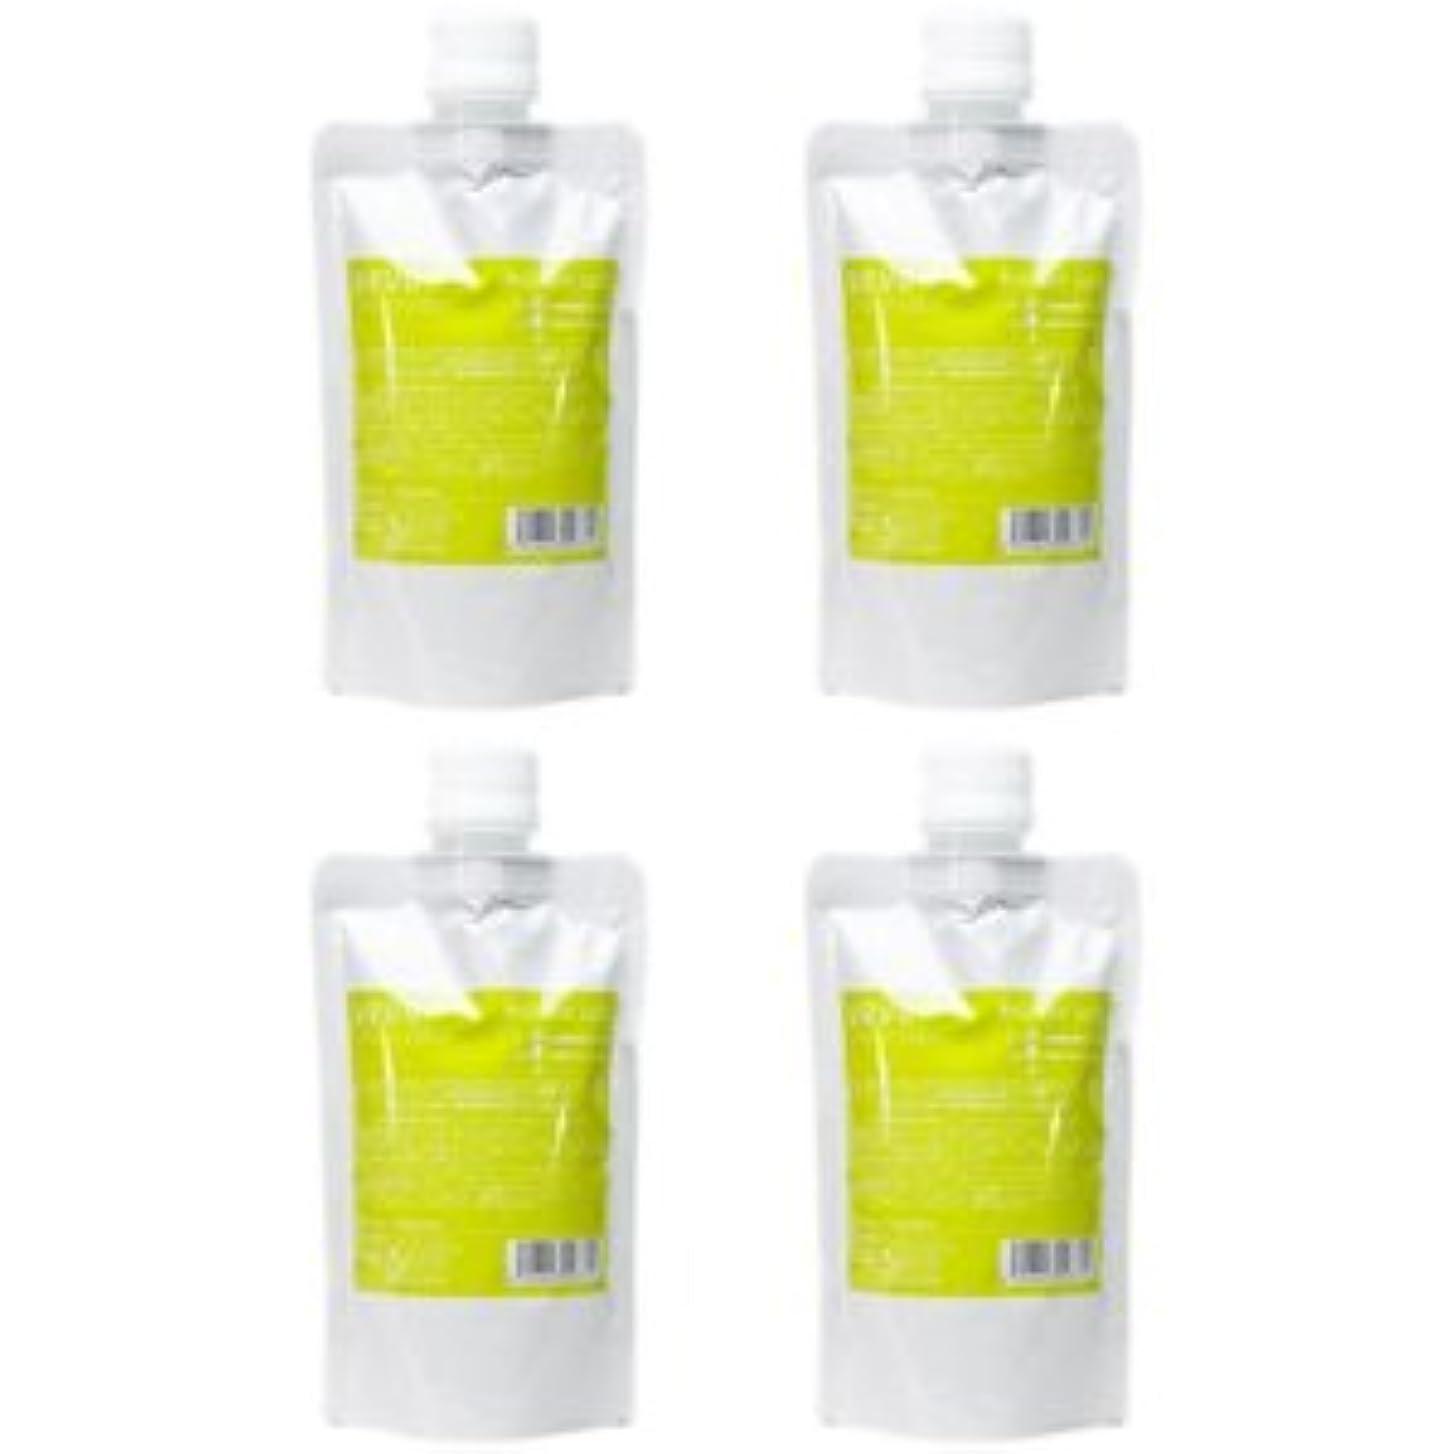 破裂店員合わせて【X4個セット】 デミ ウェーボ デザインキューブ エアルーズワックス 200g 業務用 airloose wax DEMI uevo design cube